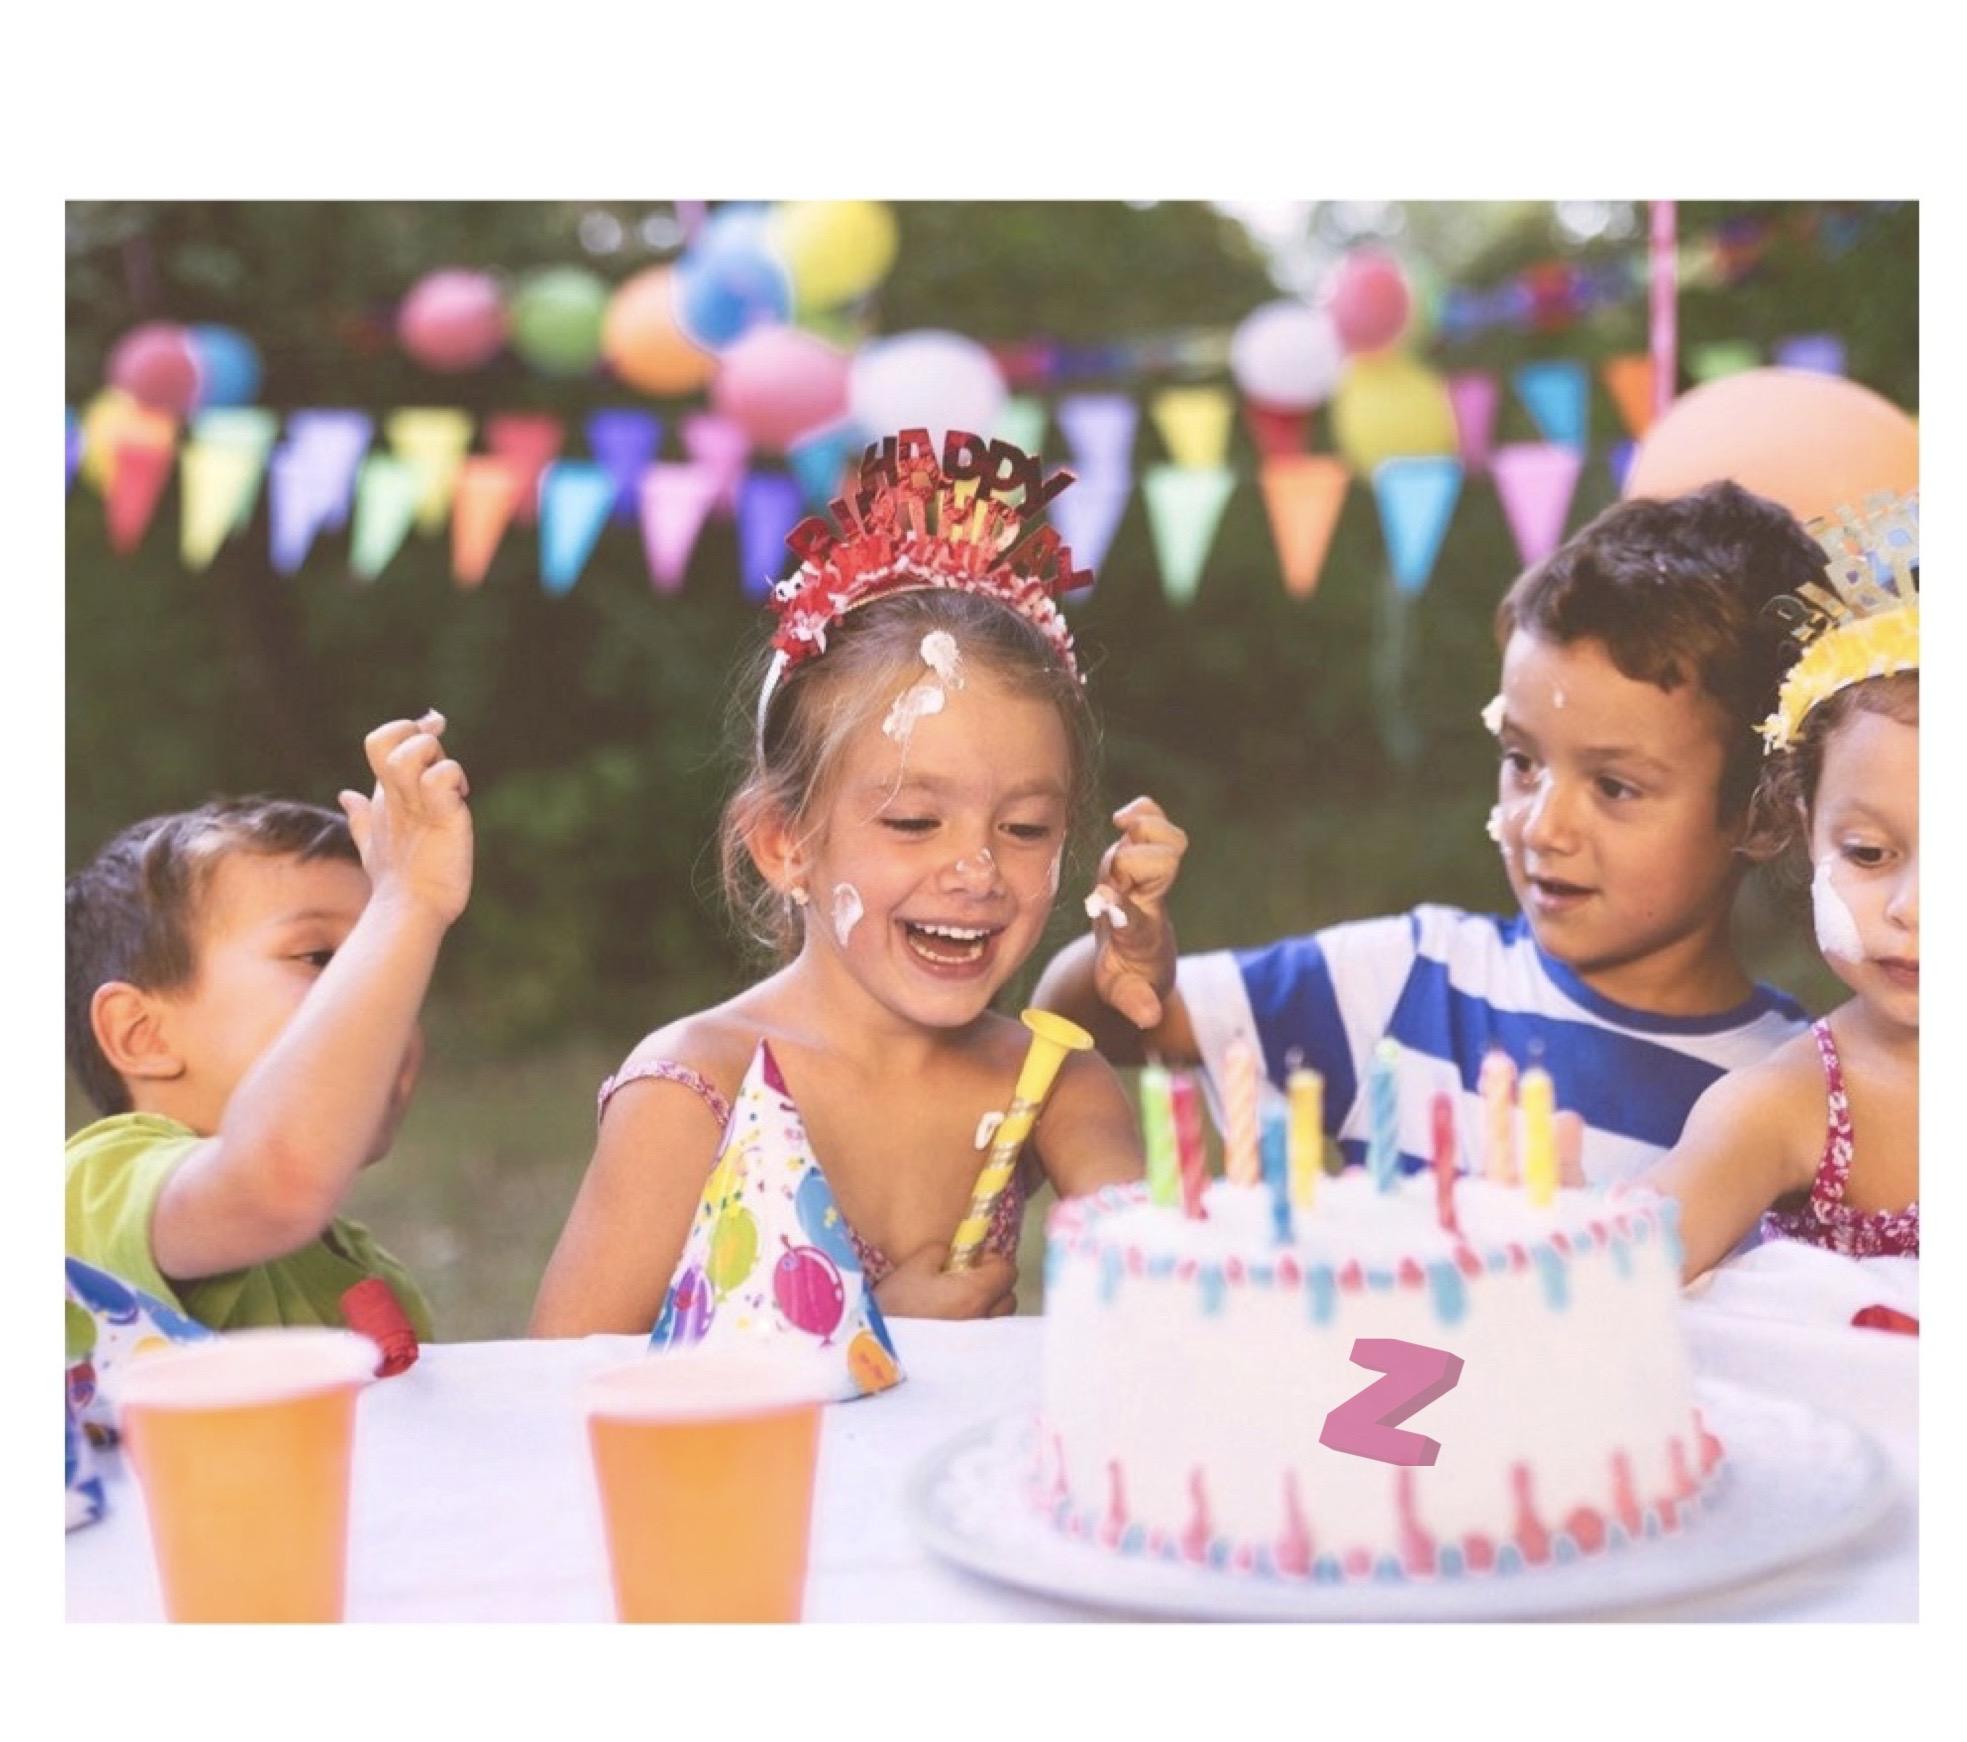 Desmineralización dental en niños – qué es y cómo prevenirla